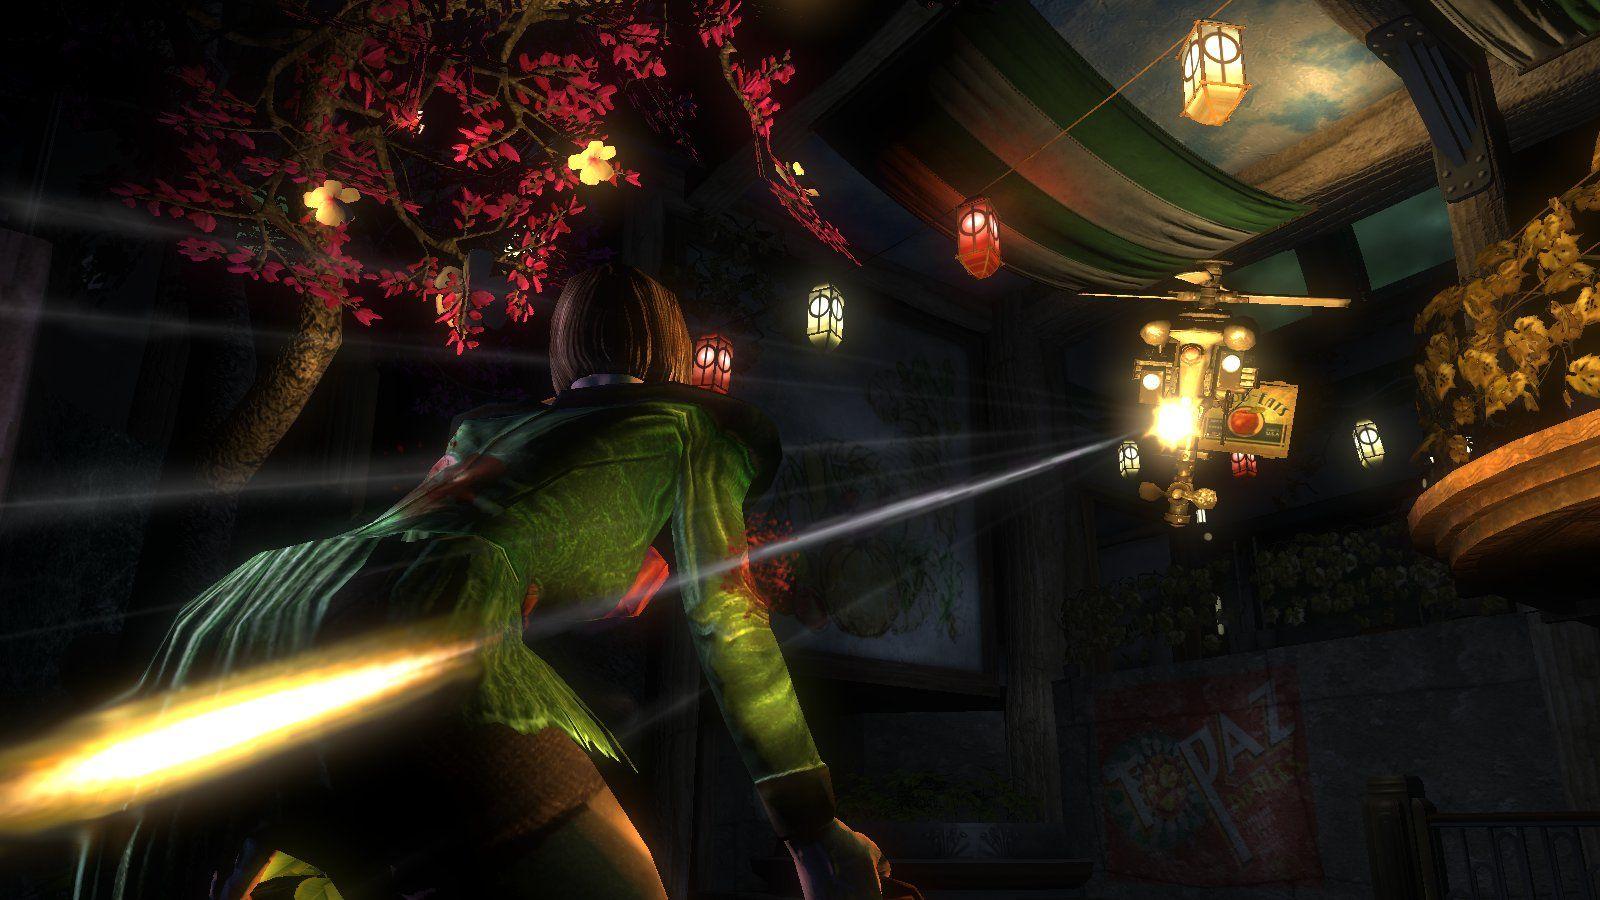 Bioshock pc galleries gamewatcher - Bioshock wikia ...